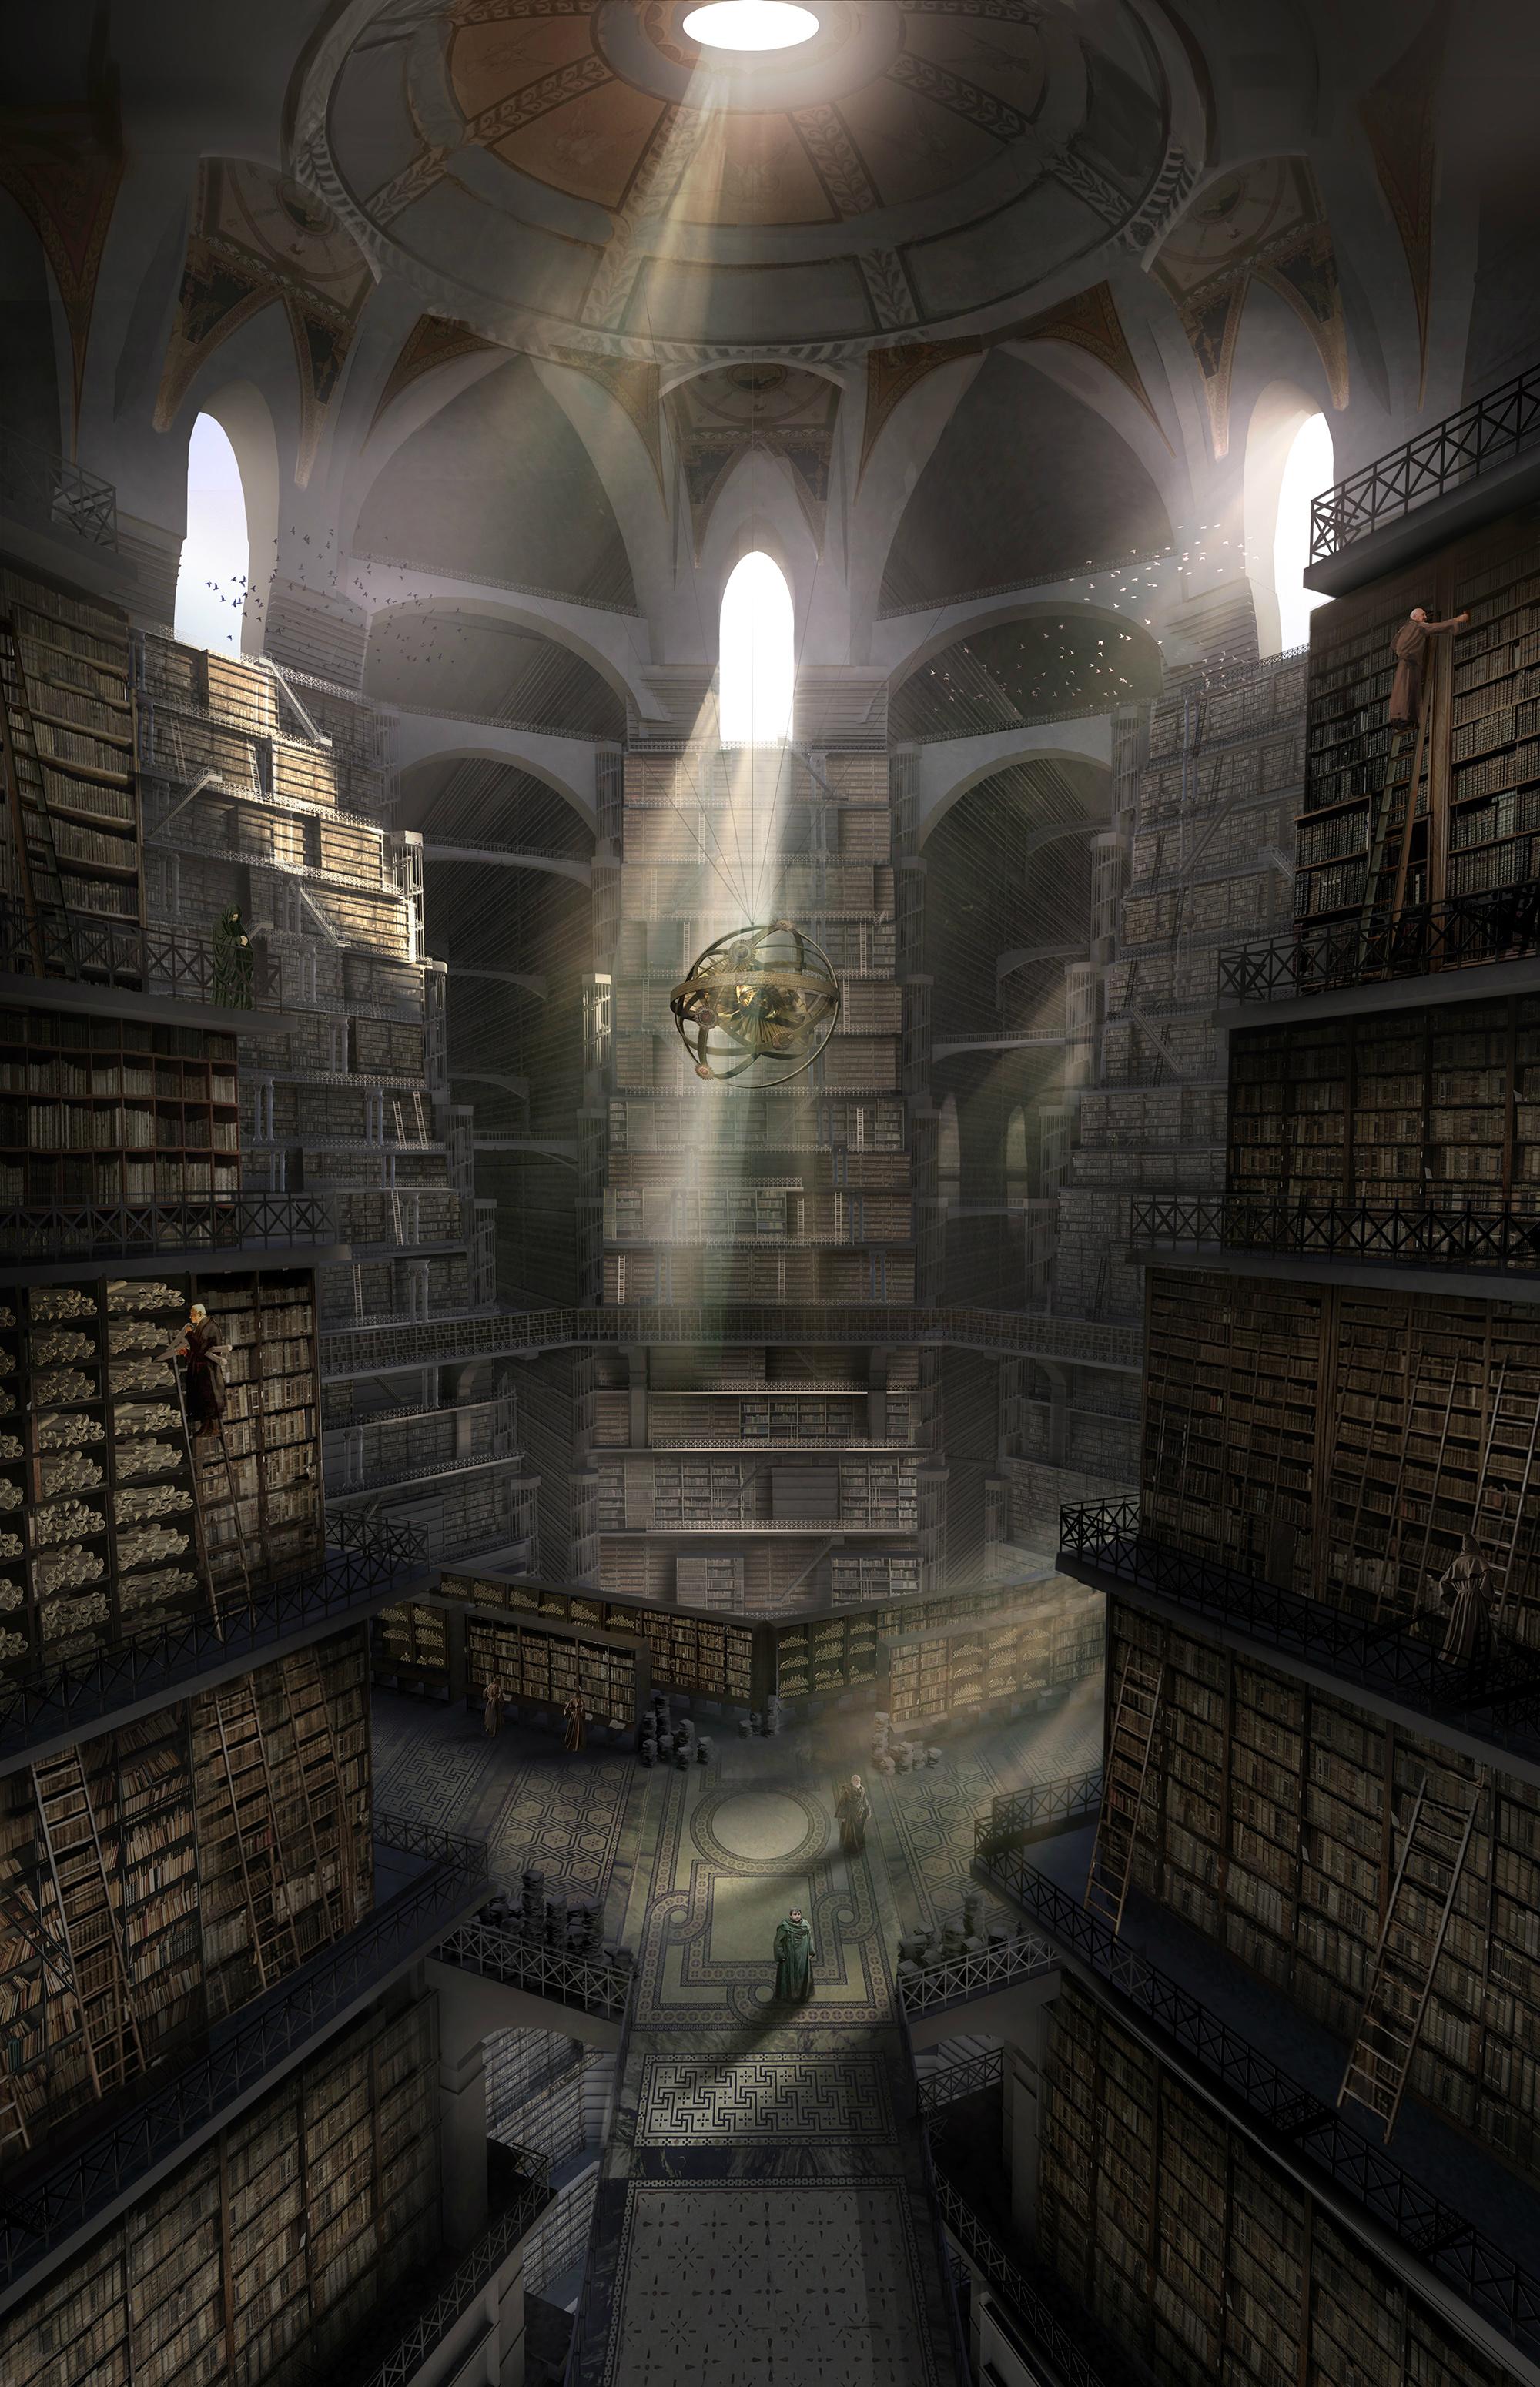 La biblioteca de la Ciudadela Temporada 6 - 30 imágenes de Concept Art de Juego de Tronos Sorprendentes